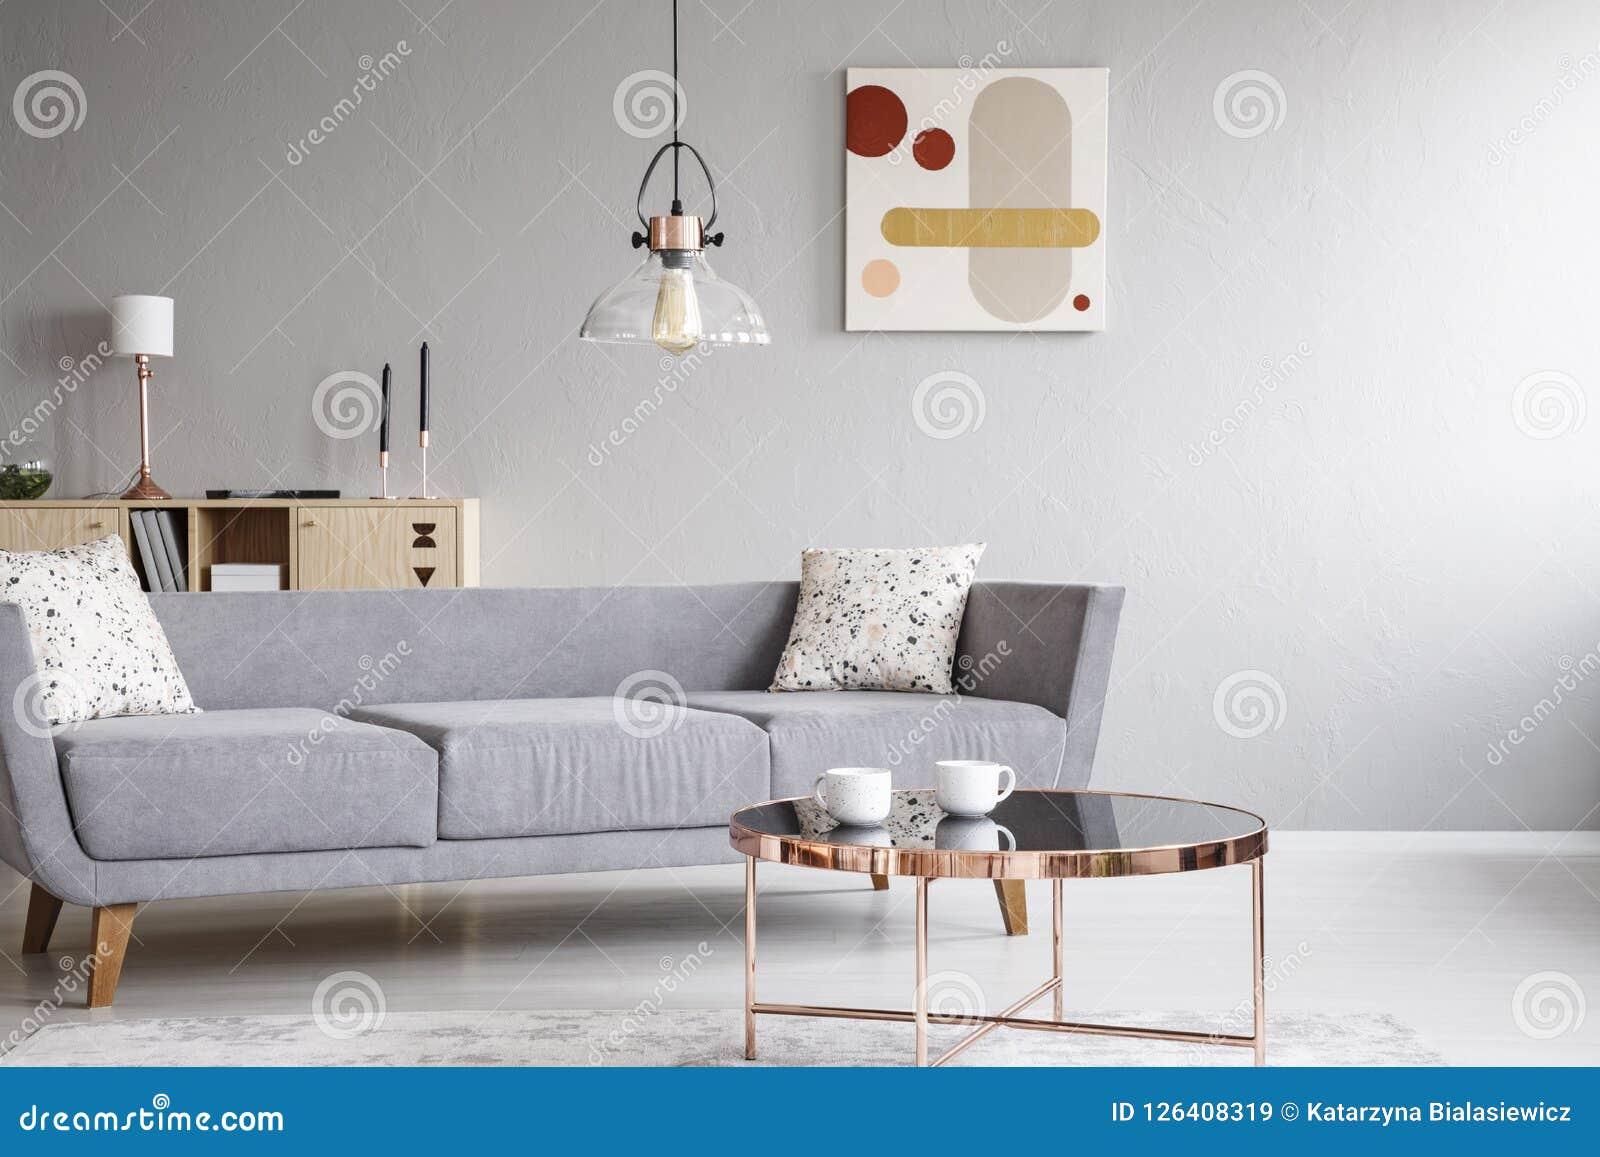 Lamp boven grijze sofa met kussens in helder woonkamerbinnenland met affiche en lijst Echte foto